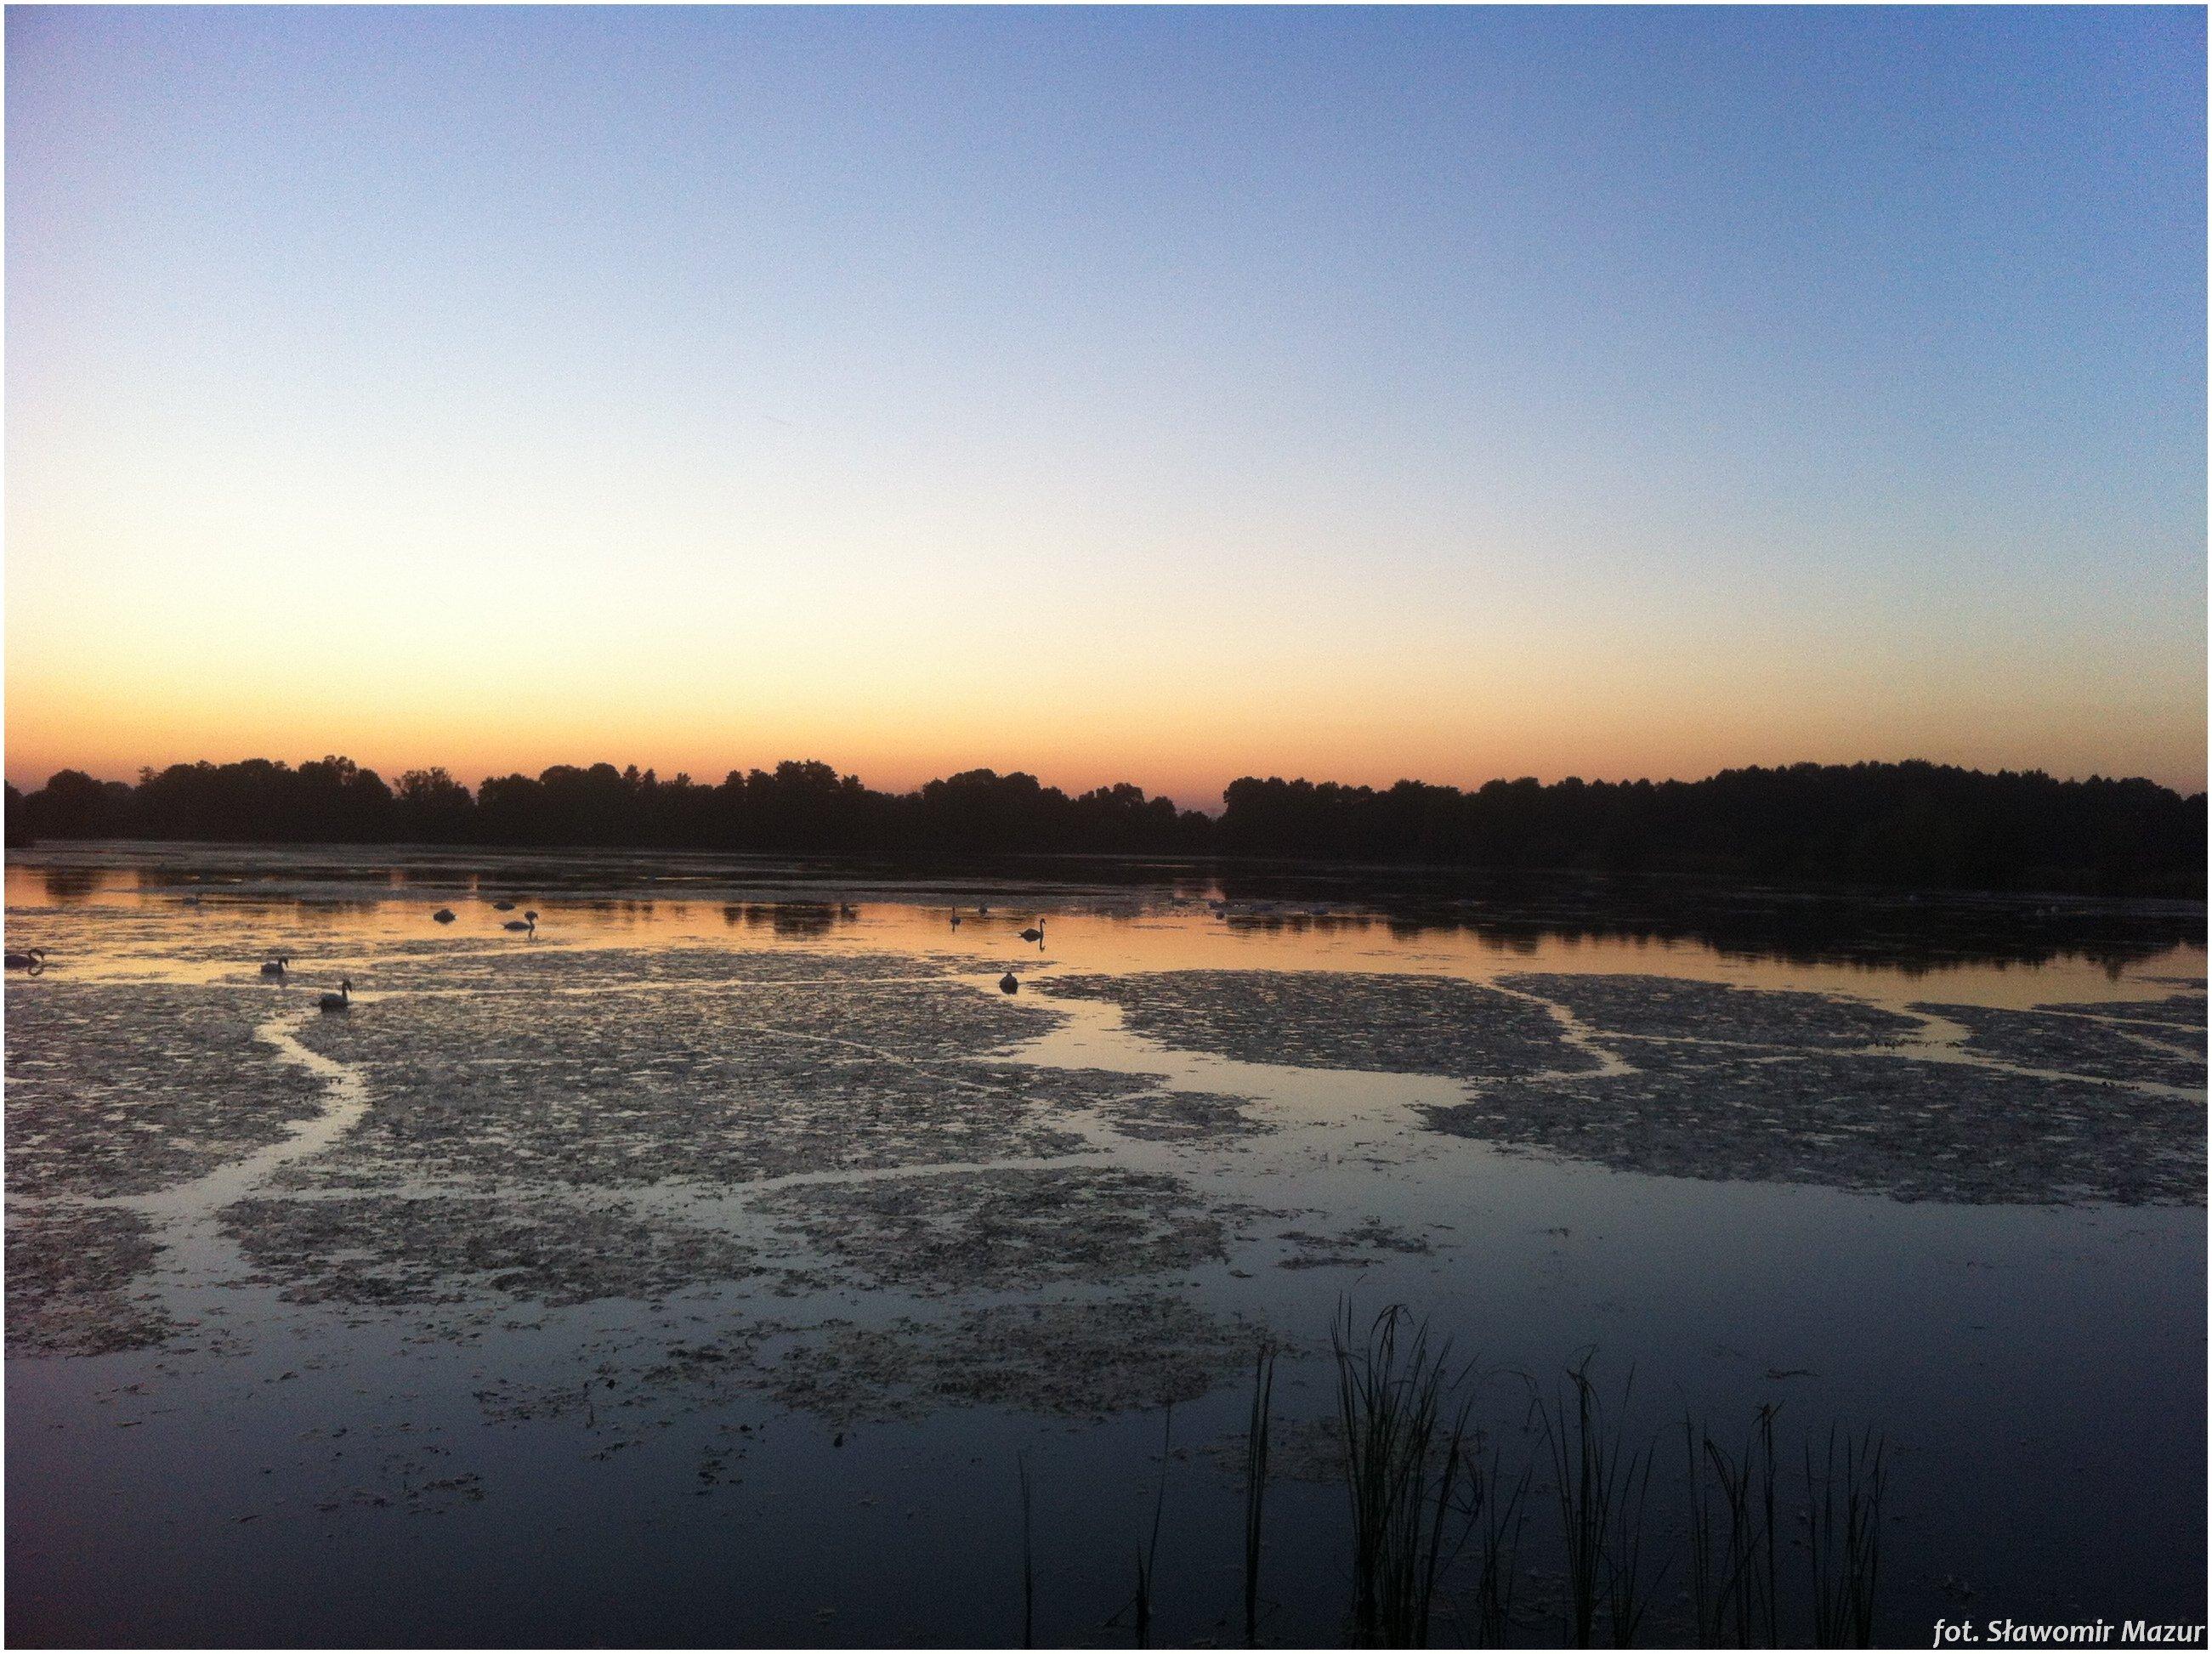 Sunset on the ponds near Oświęcim/zachód słońca na stawach koło Oświęcimia